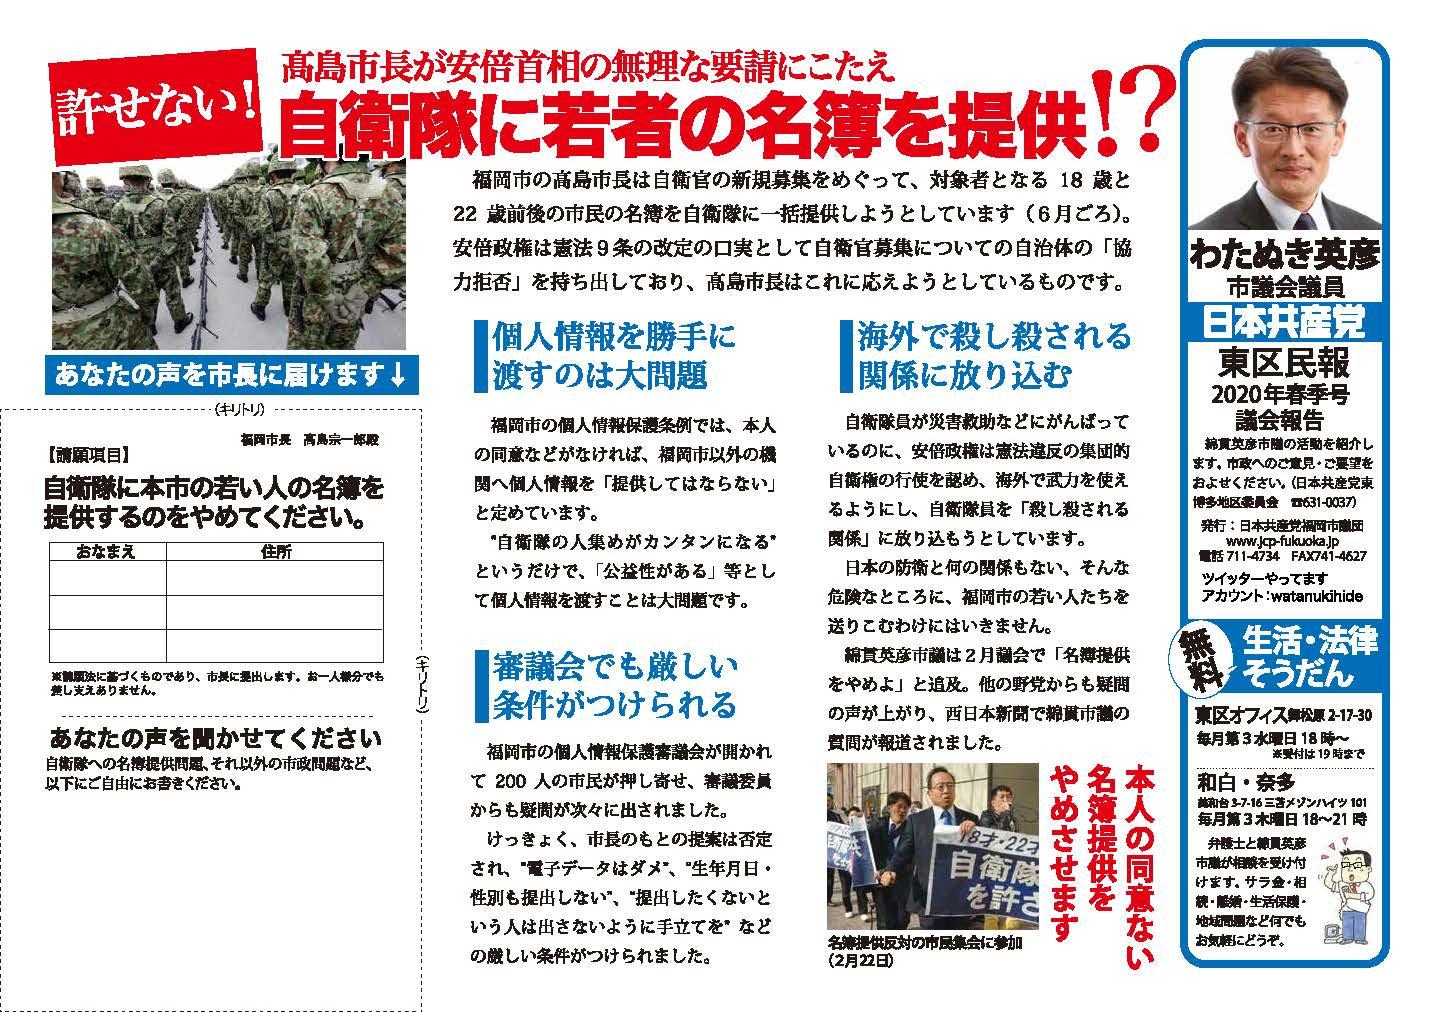 東区民報2020年春季号(自衛隊名簿提供)【2.0MB】